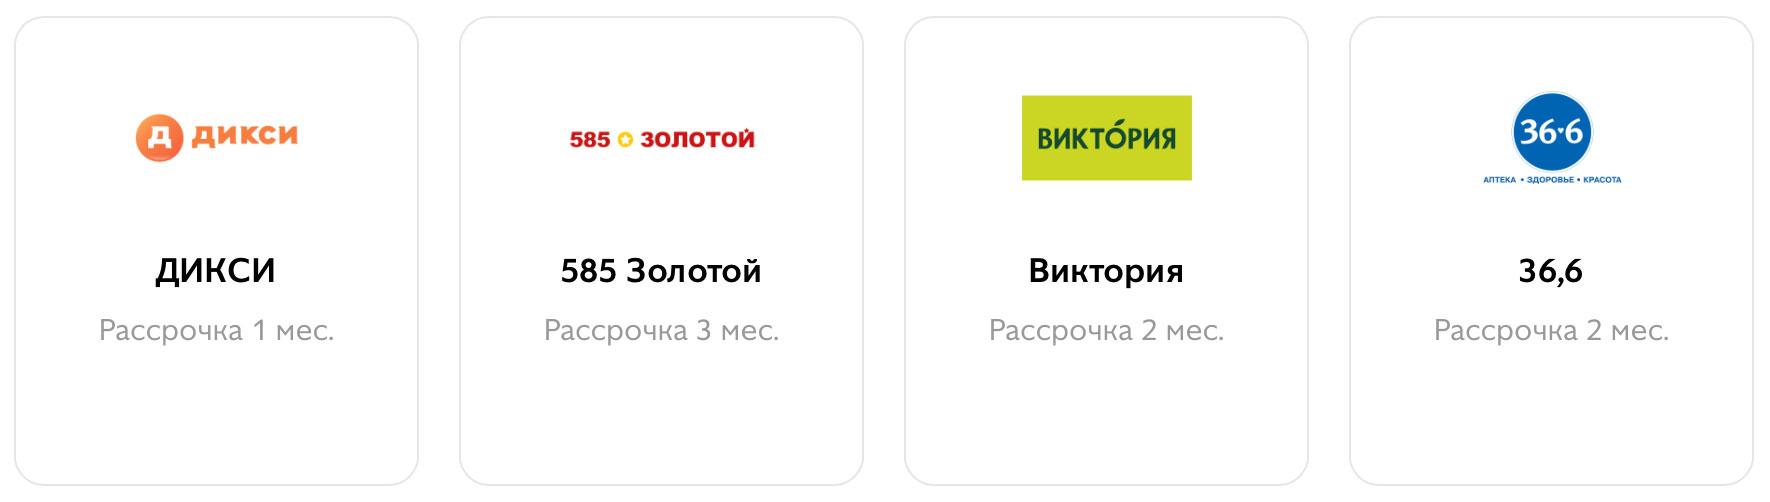 karta sovest popular 2 - Честный отзыв: карта рассрочки Совесть, в чем подвох?